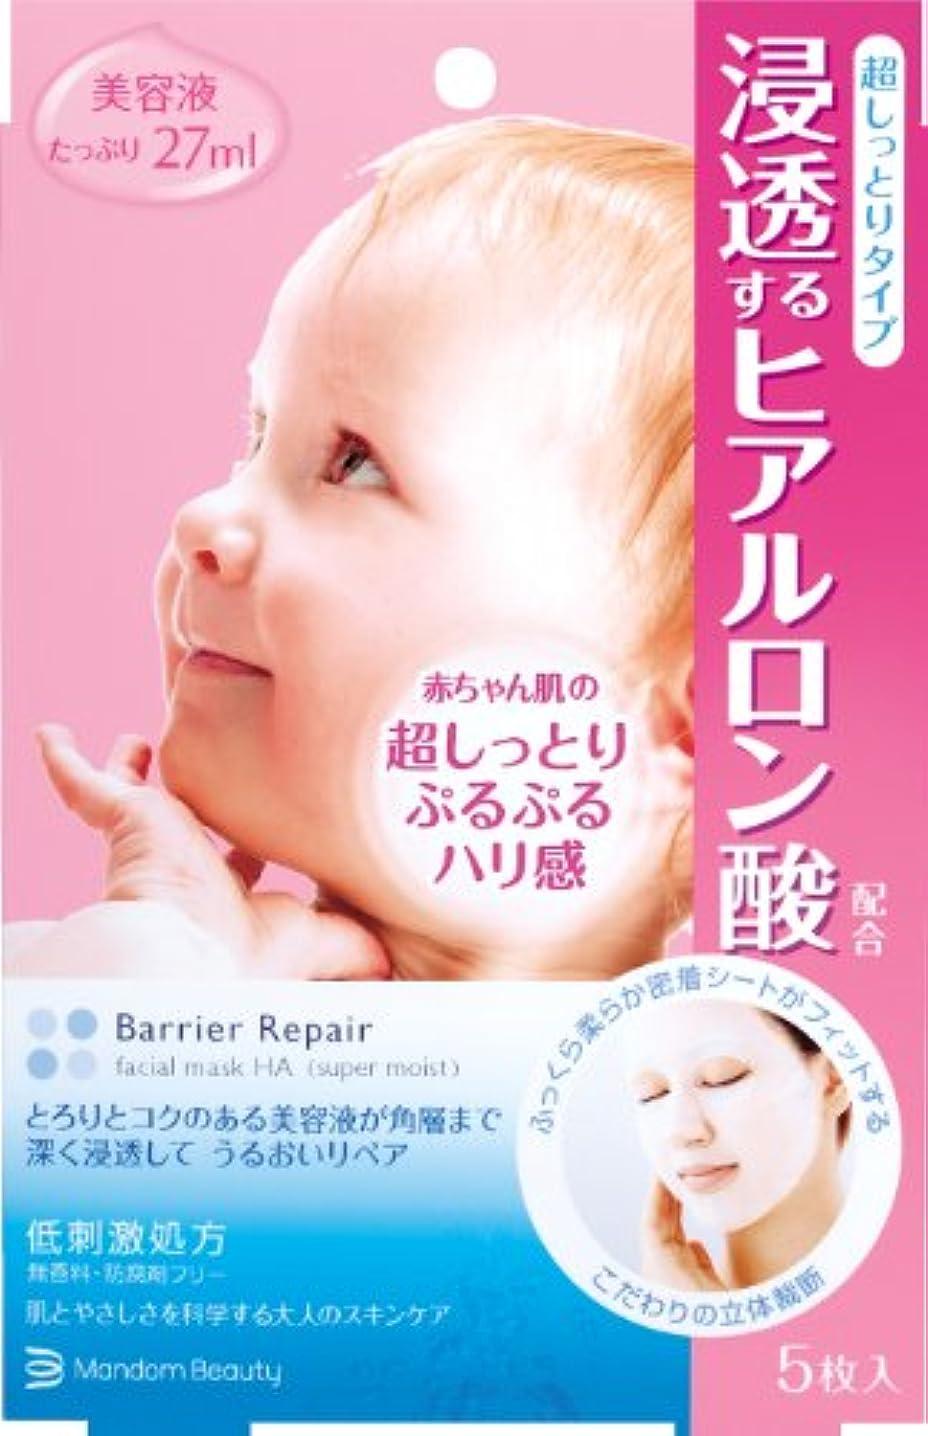 マークヒョウ質素なBarrier Repair (バリアリペア) シートマスク (ヒアルロン酸 超しっとり) 5枚